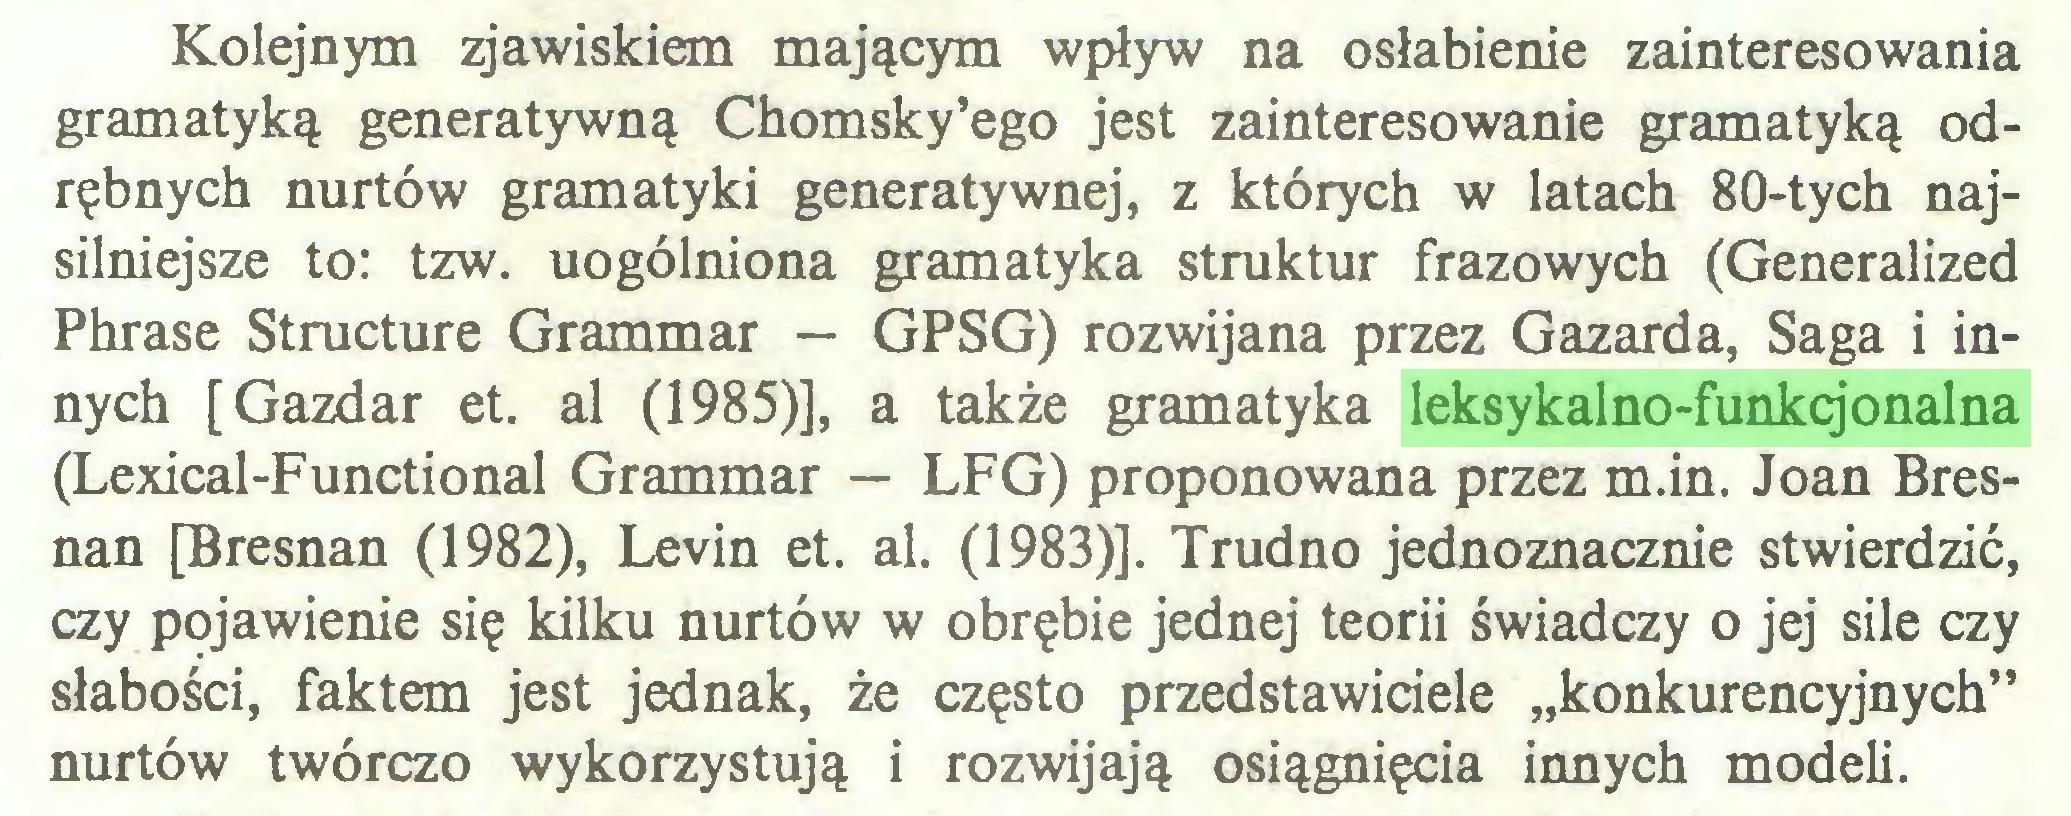 """(...) Kolejnym zjawiskiem mającym wpływ na osłabienie zainteresowania gramatyką generatywną Chomsky'ego jest zainteresowanie gramatyką odrębnych nurtów gramatyki generatywnej, z których w latach 80-tych najsilniejsze to: tzw. uogólniona gramatyka struktur frazowych (Generalized Phrase Structure Grammar — GPSG) rozwijana przez Gazarda, Saga i innych [Gazdar et. al (1985)], a także gramatyka leksykalno-funkcjonalna (Lexical-Functional Grammar — LFG) proponowana przez m.in. Joan Bresnan [Bresnan (1982), Levin et. al. (1983)]. Trudno jednoznacznie stwierdzić, czy pojawienie się kilku nurtów w obrębie jednej teorii świadczy o jej sile czy słabości, faktem jest jednak, że często przedstawiciele """"konkurencyjnych"""" nurtów twórczo wykorzystują i rozwijają osiągnięcia innych modeli..."""